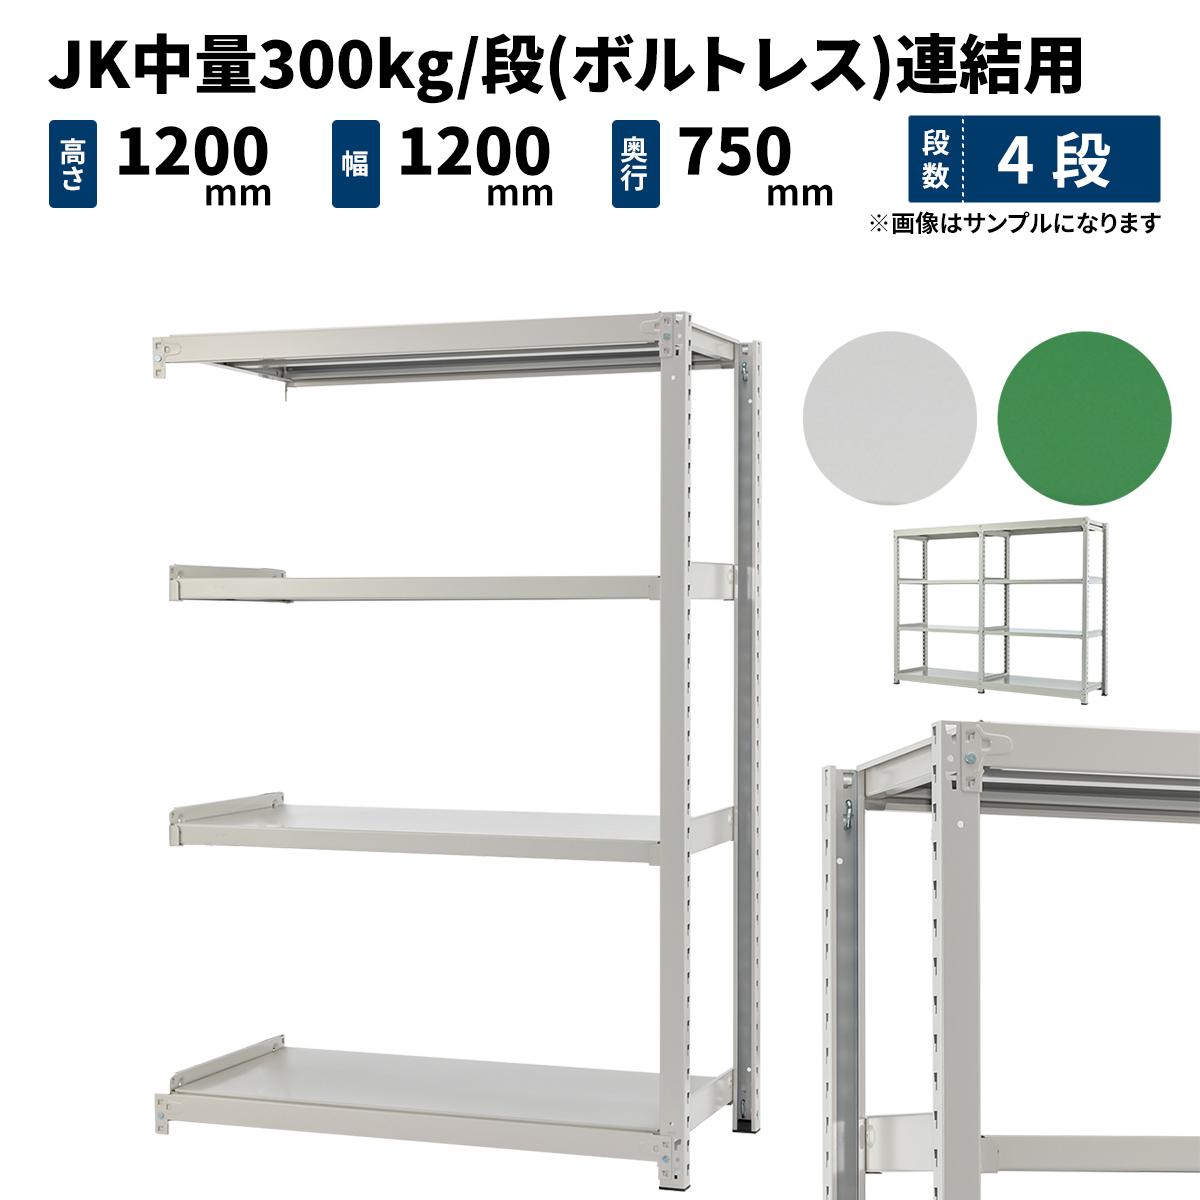 スチールラック 業務用 JK中量300kg/段(ボルトレス) 連結形式 高さ1200×幅1200×奥行750mm 4段 ホワイトグレー/グリーン (68kg) JK300_R-121275-4